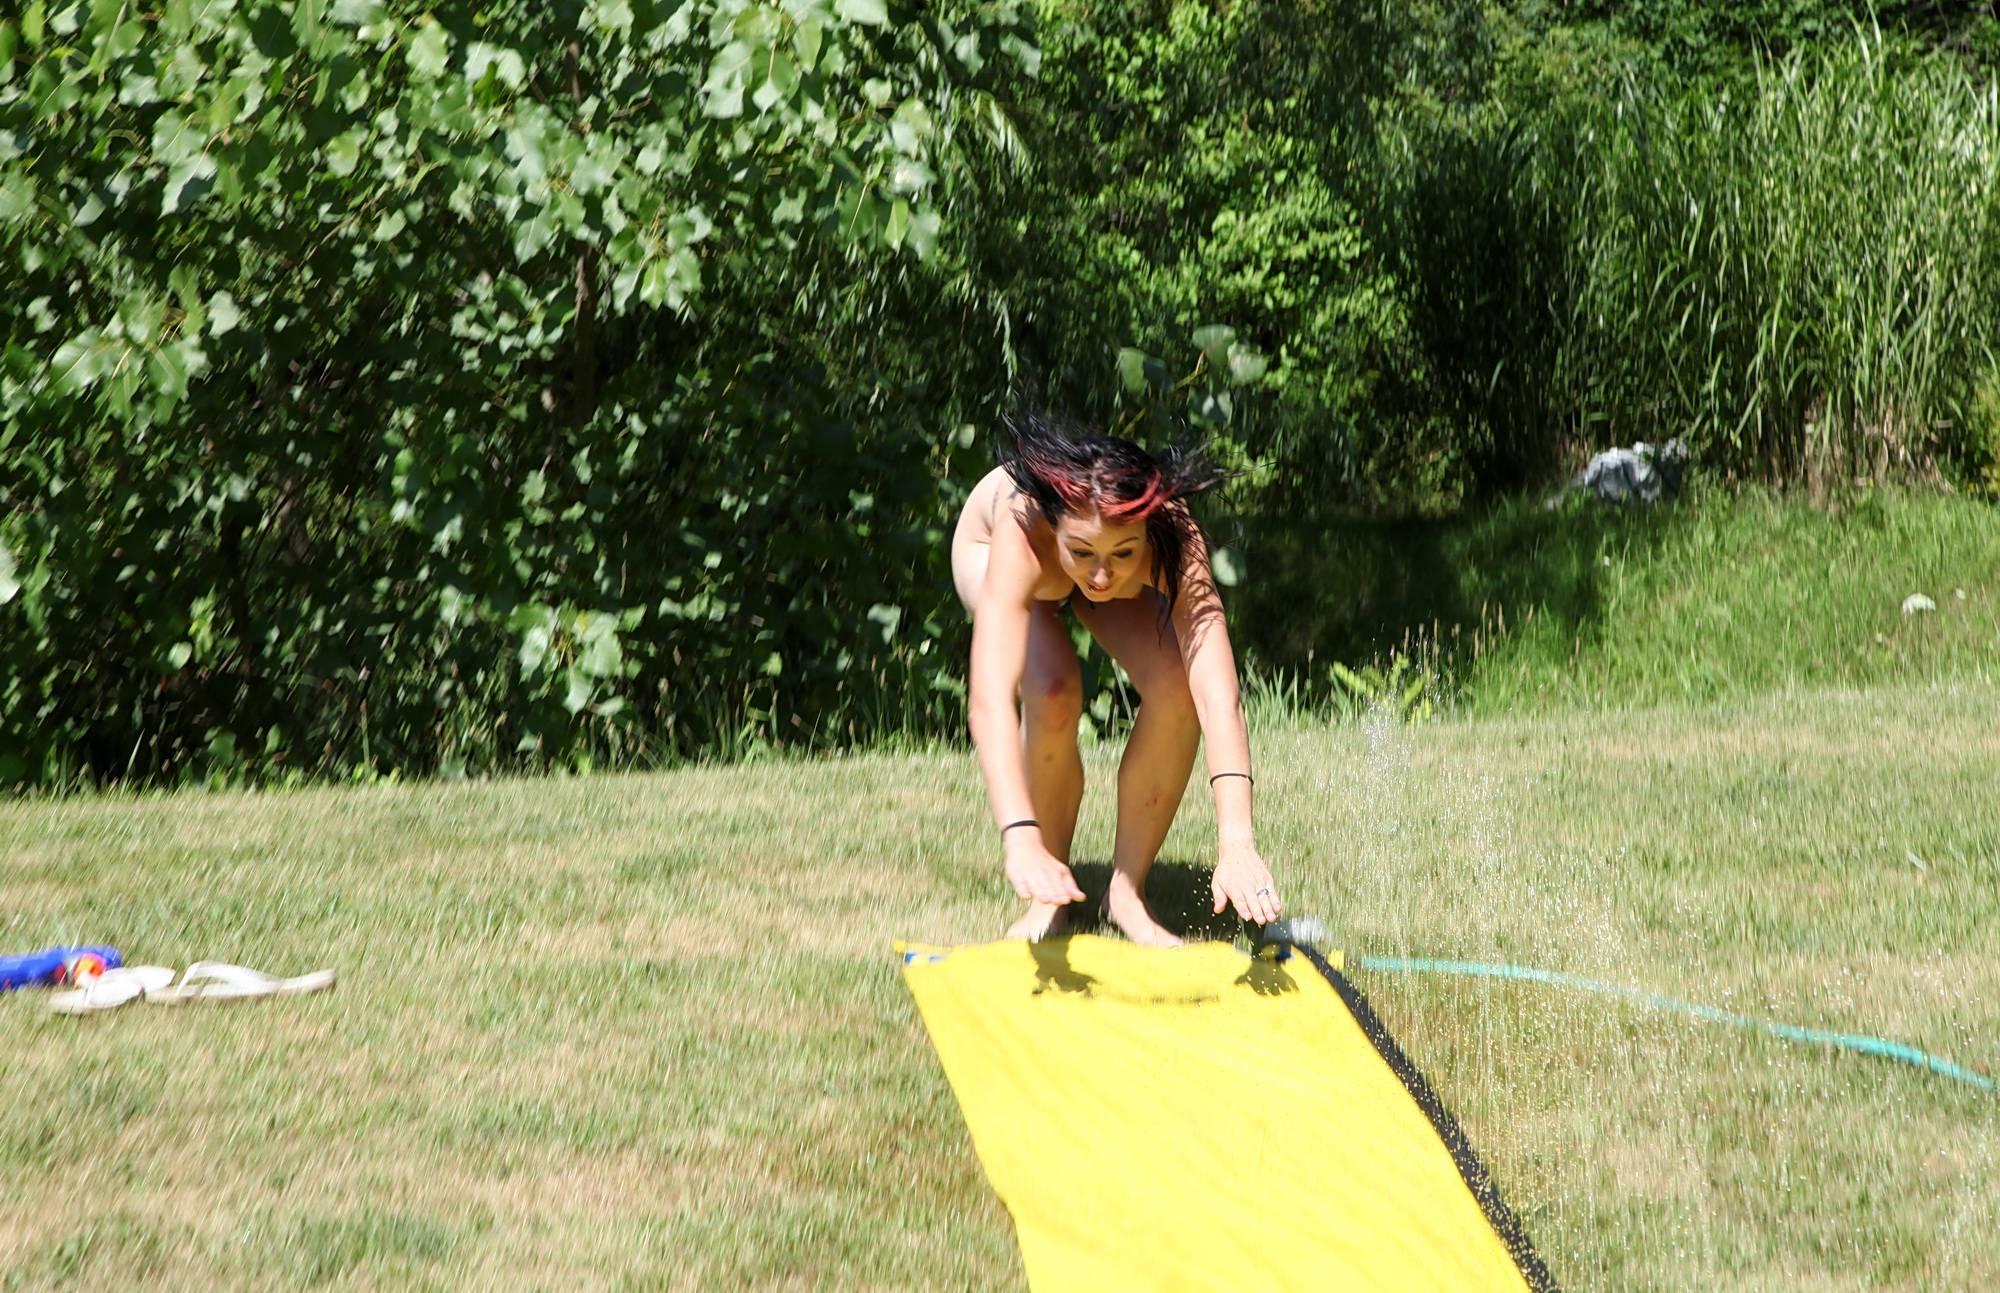 Nudist Photos Amazing Slip n Slide Ride - 2